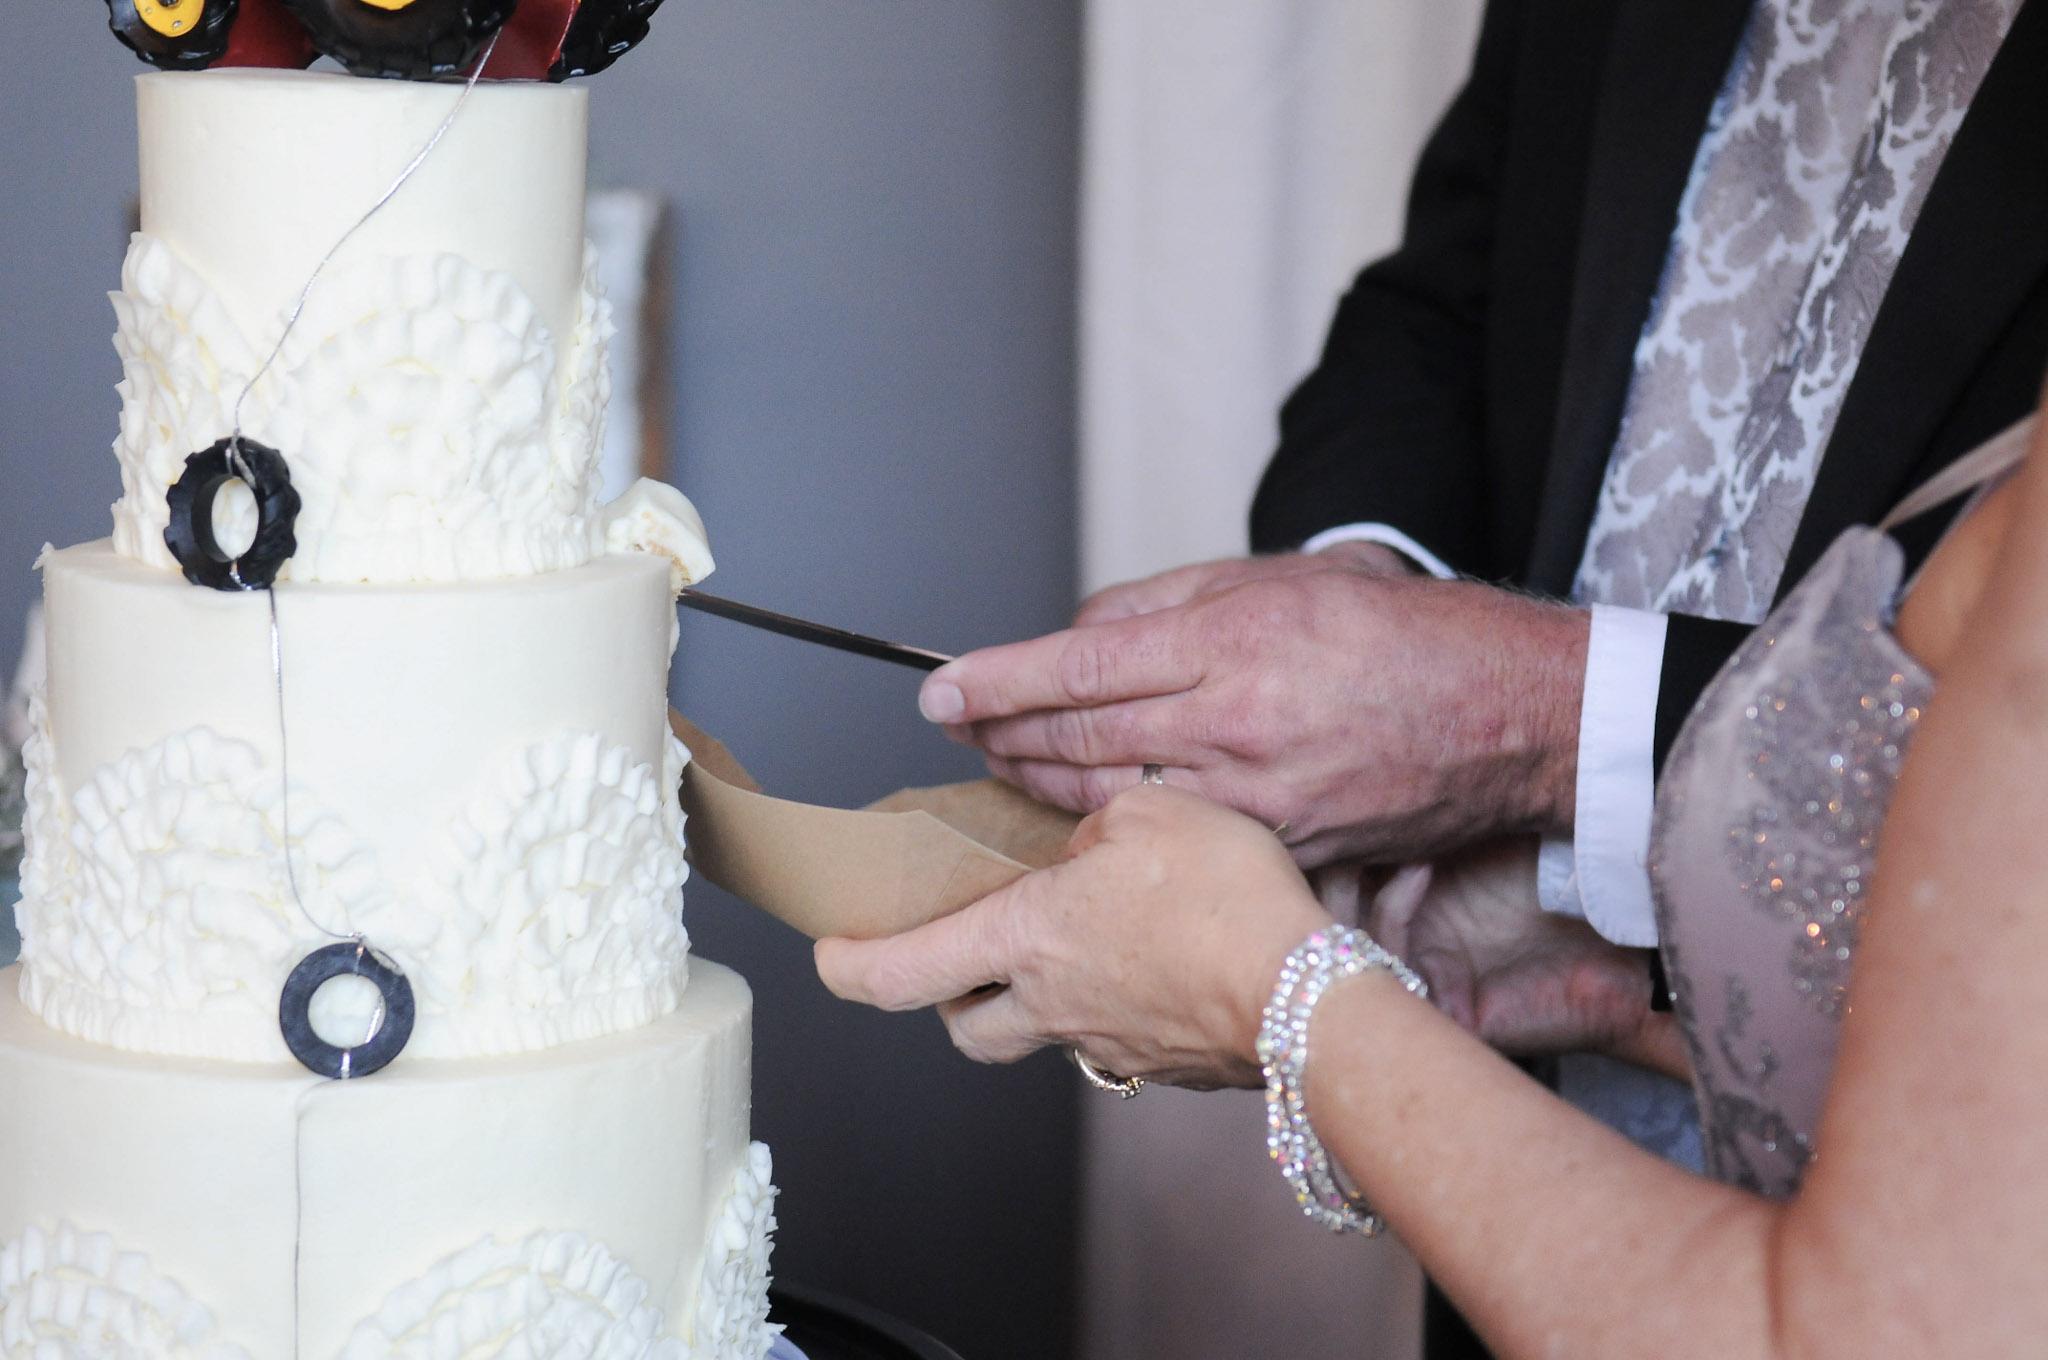 Kansas_City_Intimate_Small_Budget_Wedding_Venue_IMG_3073.jpg